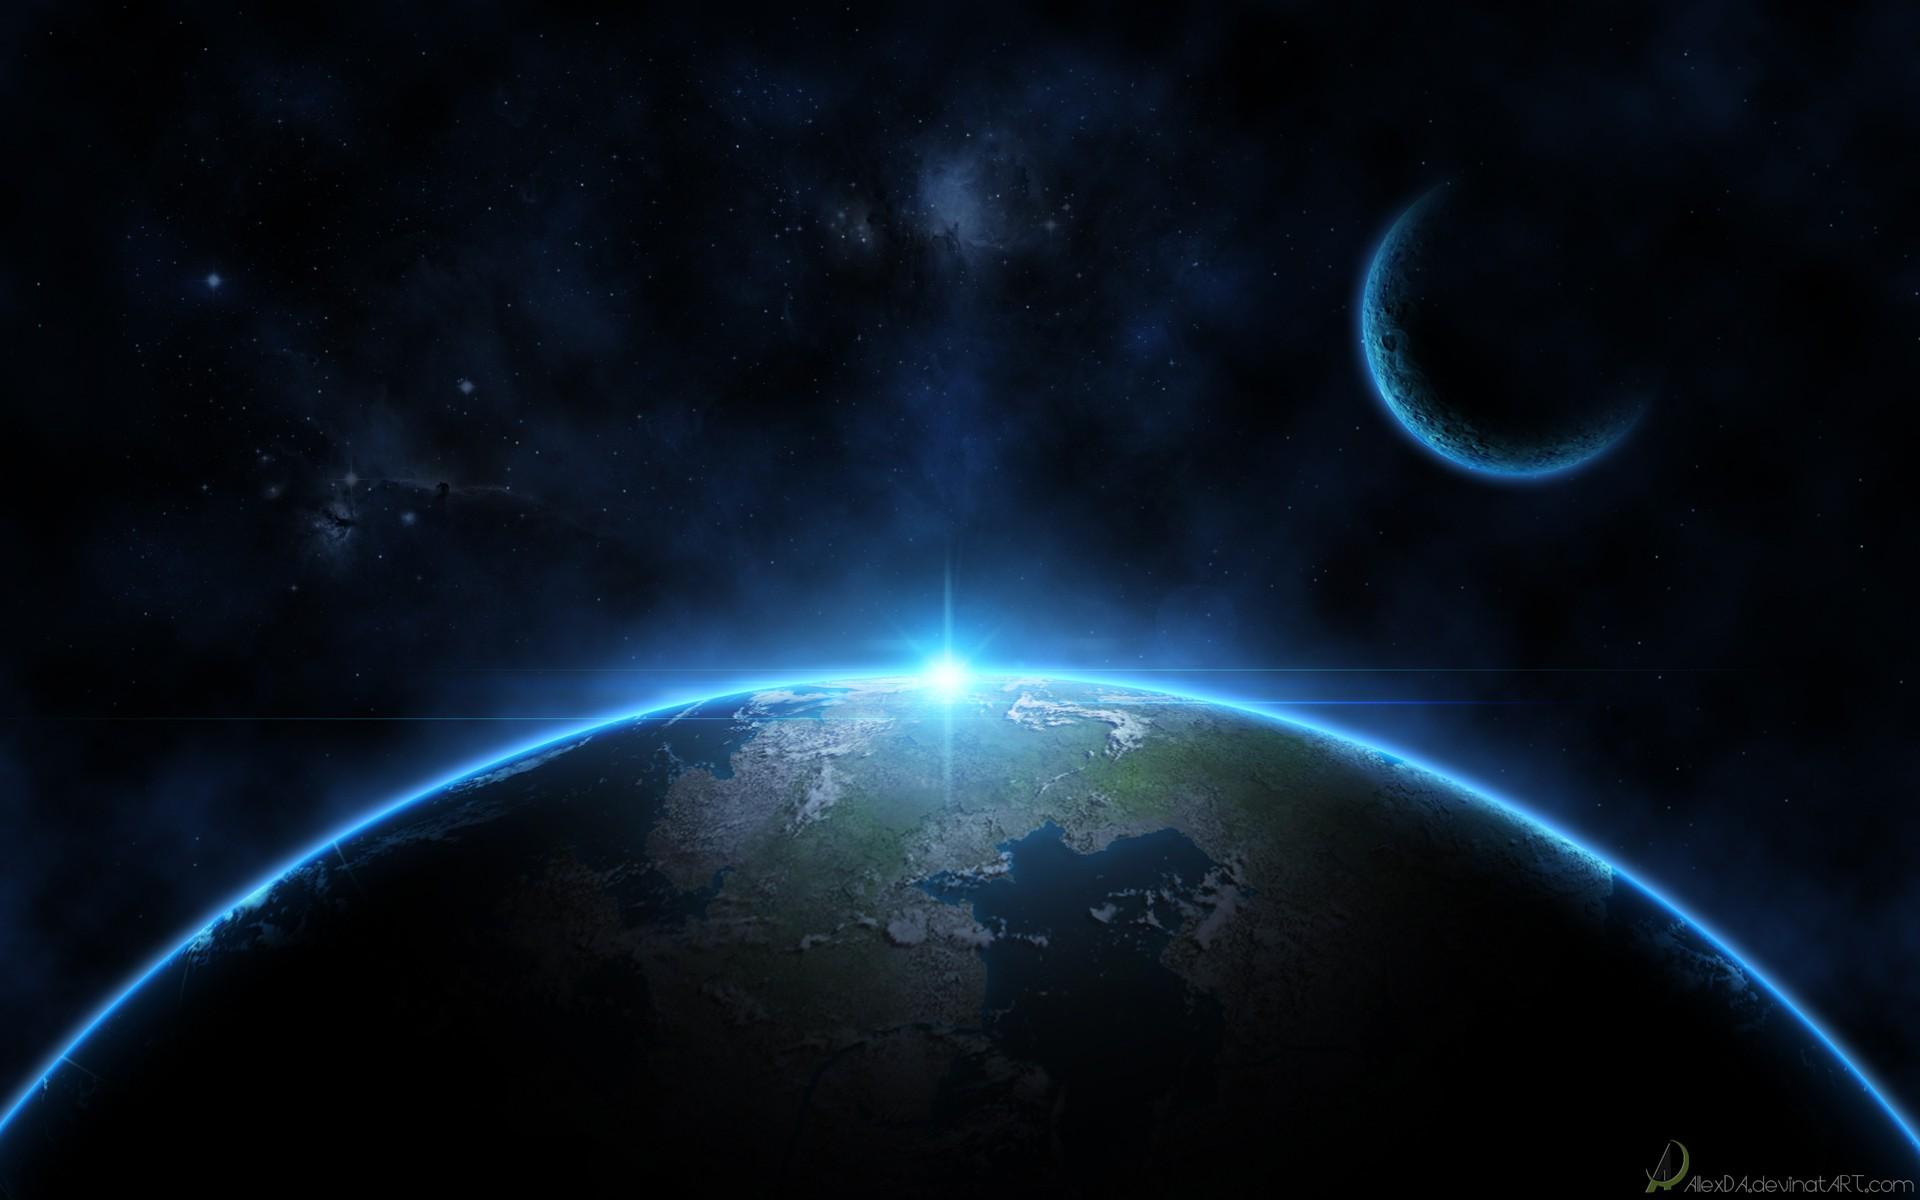 Download Moon Earth Wallpaper 1920x1200 Wallpoper 420803 1920x1200